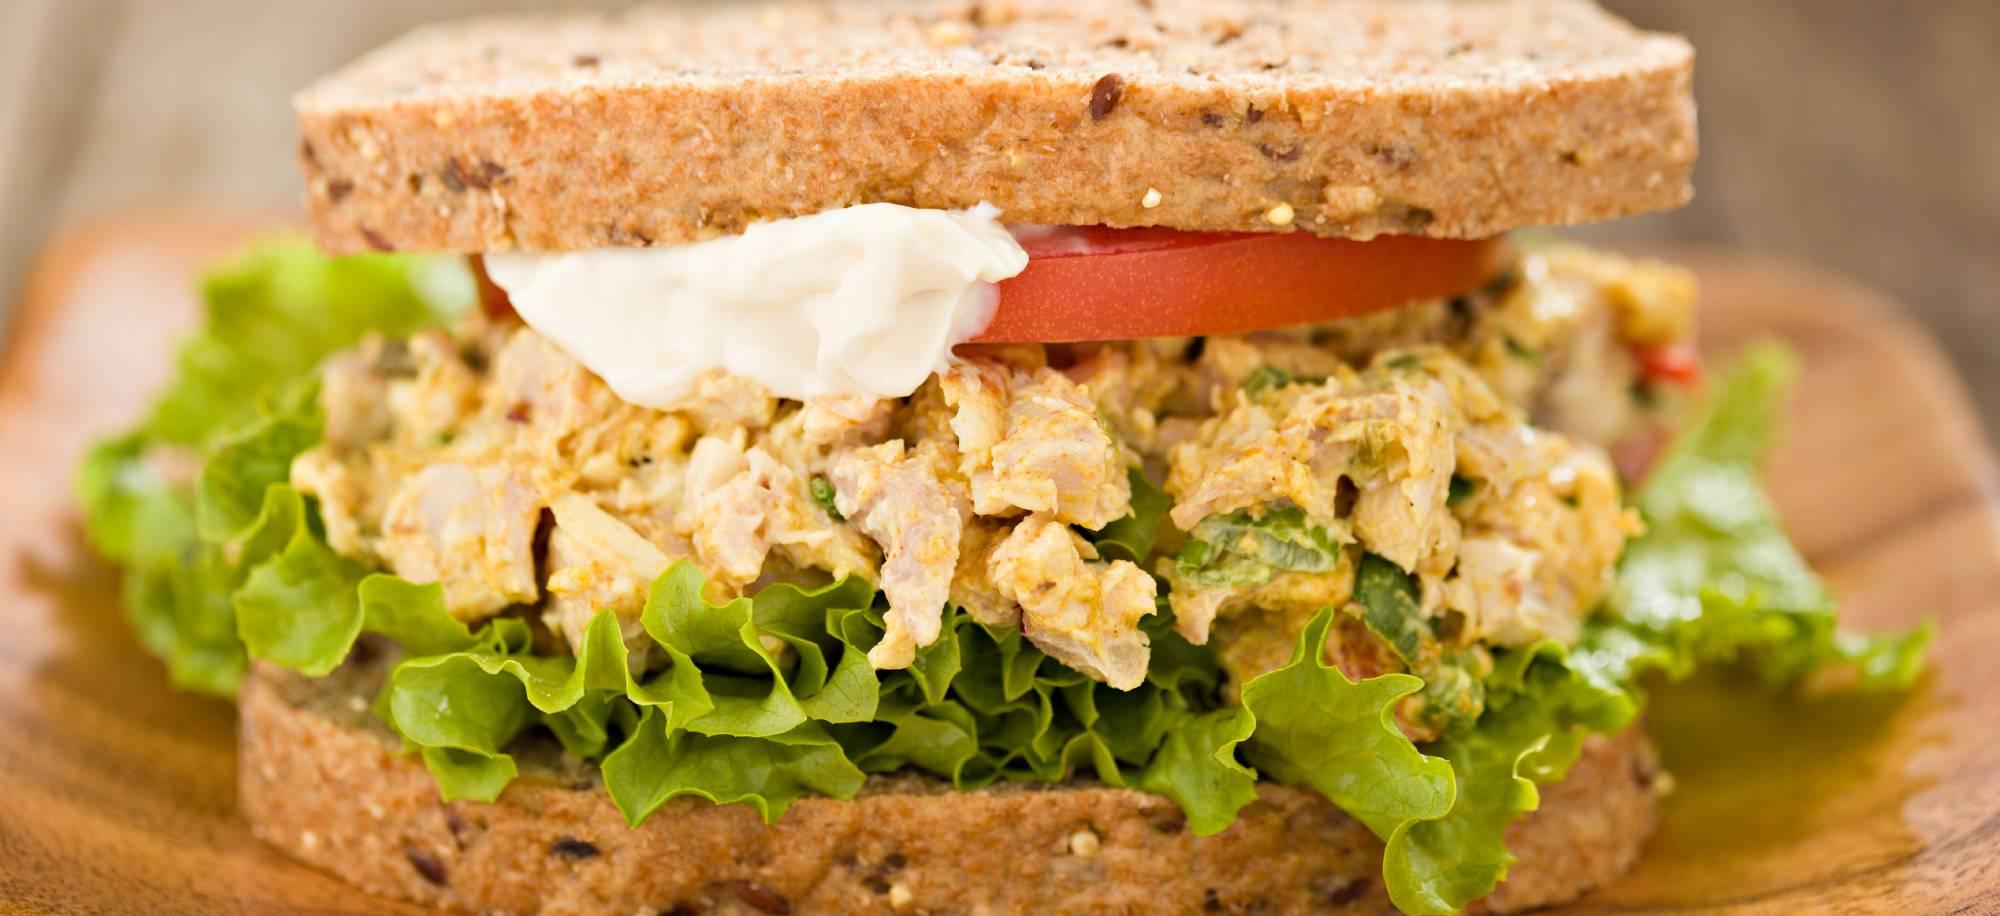 Sandwich indien